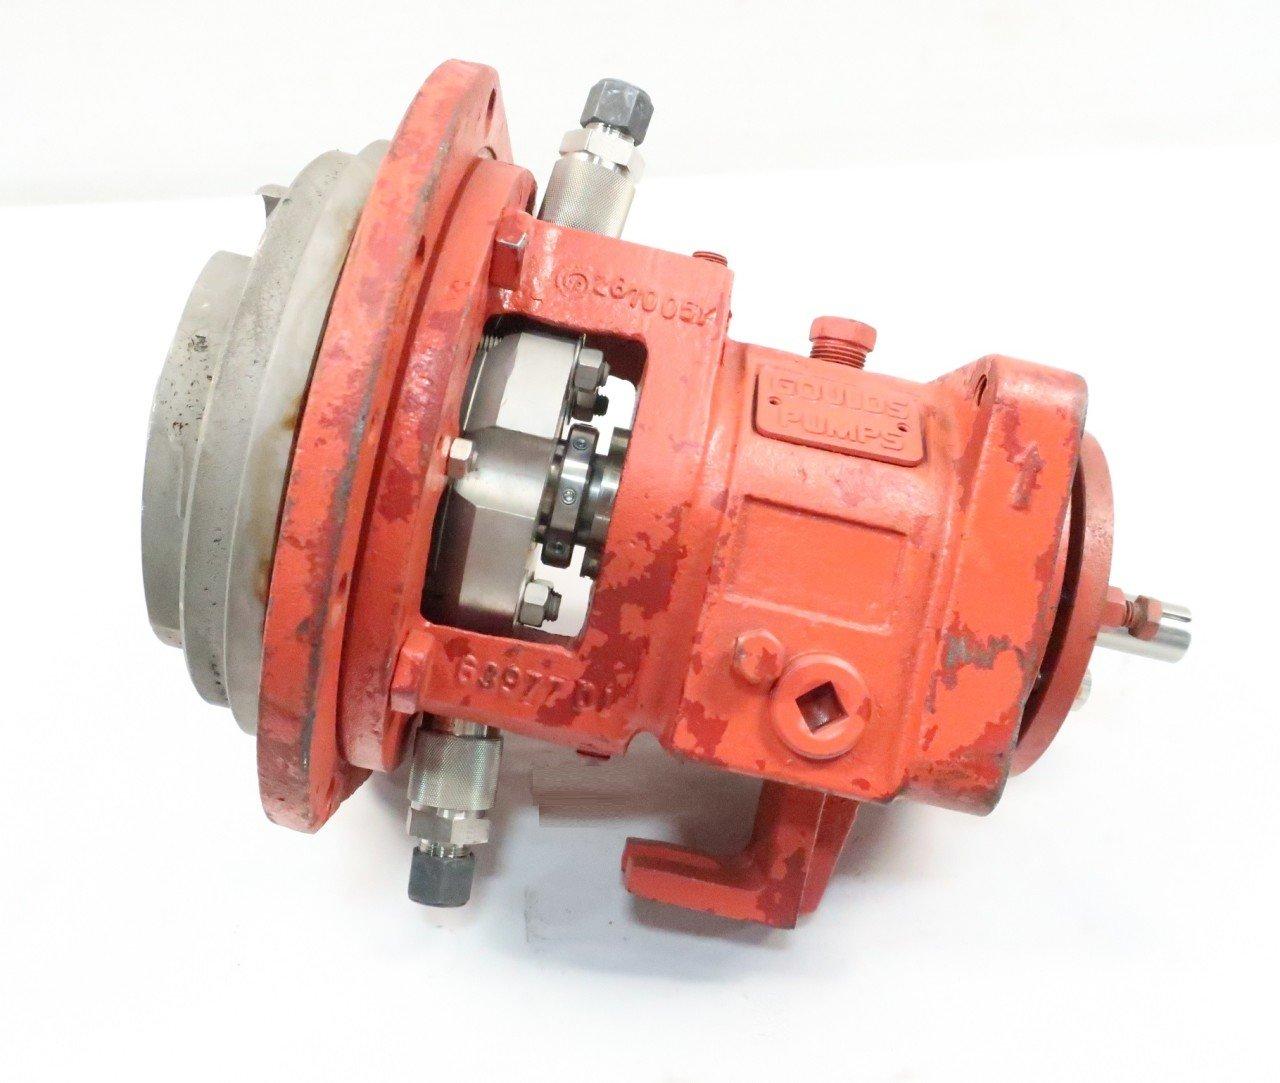 Goulds 3196 STX Centrifugal Pump Power END Iron D623160